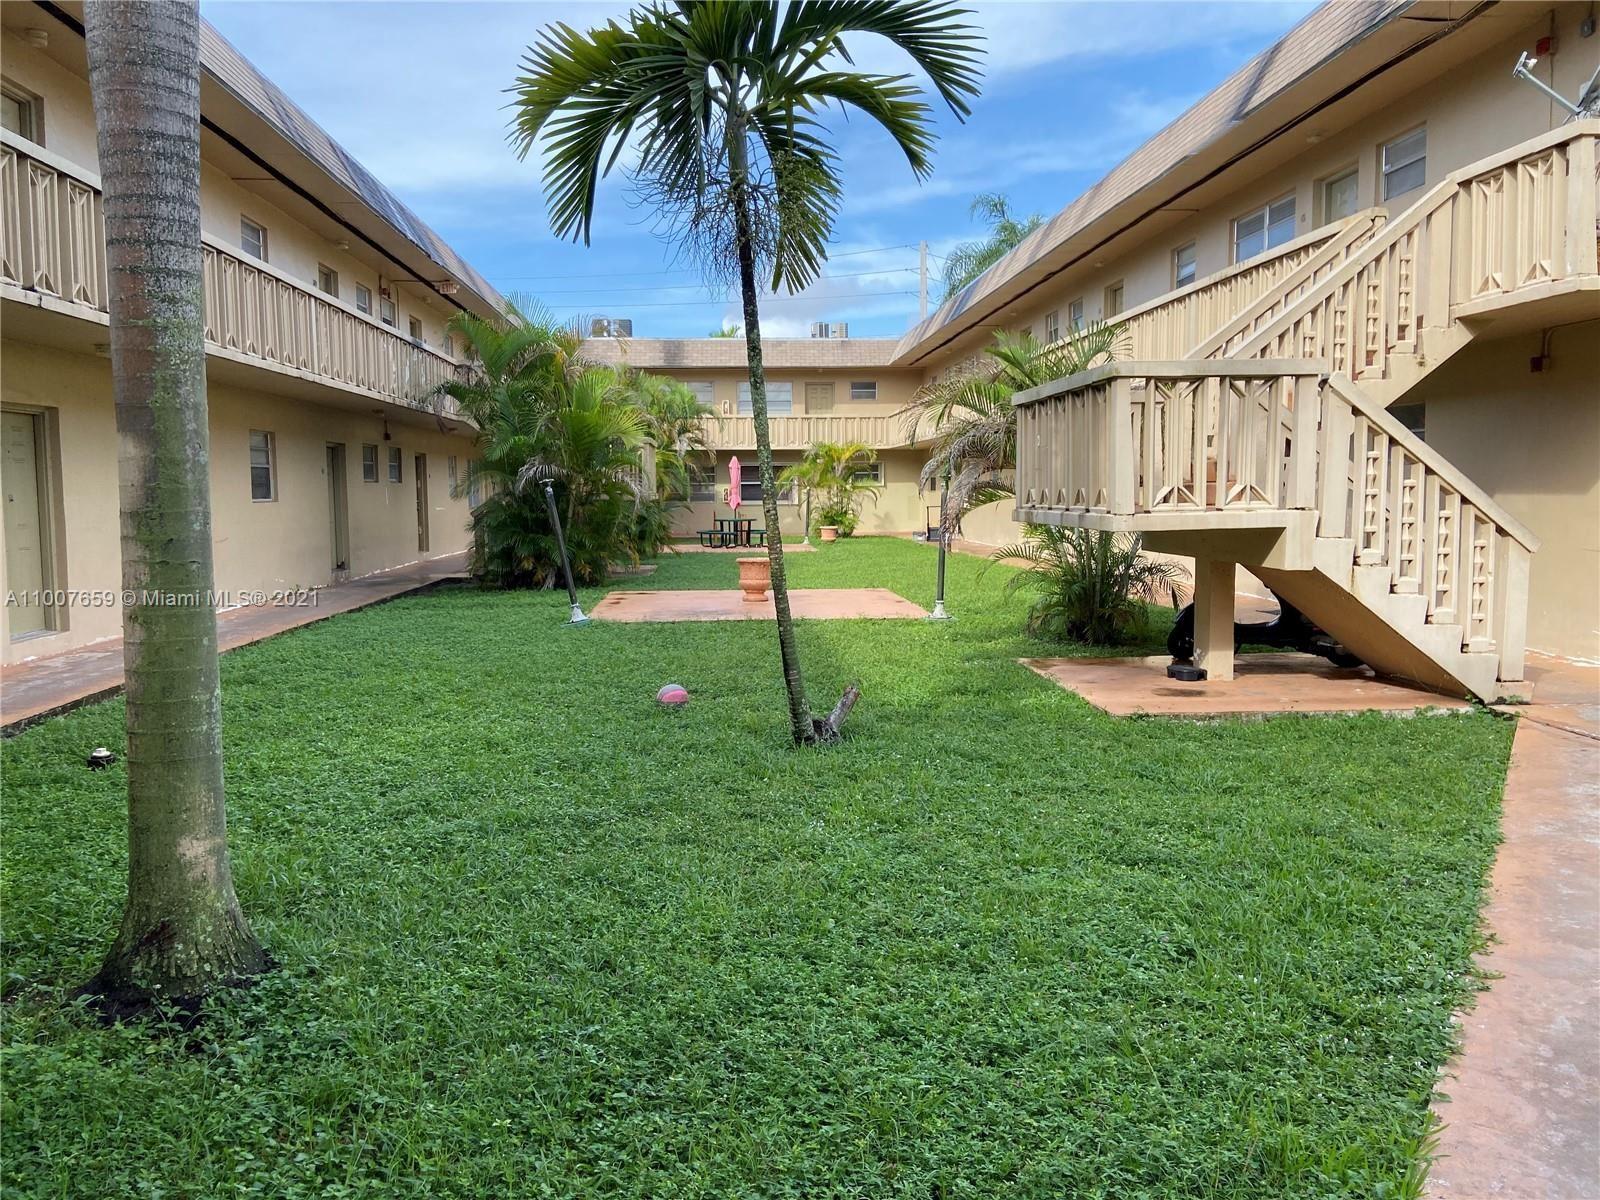 1370 NE 119th St #137022, Miami, FL 33161 - #: A11007659